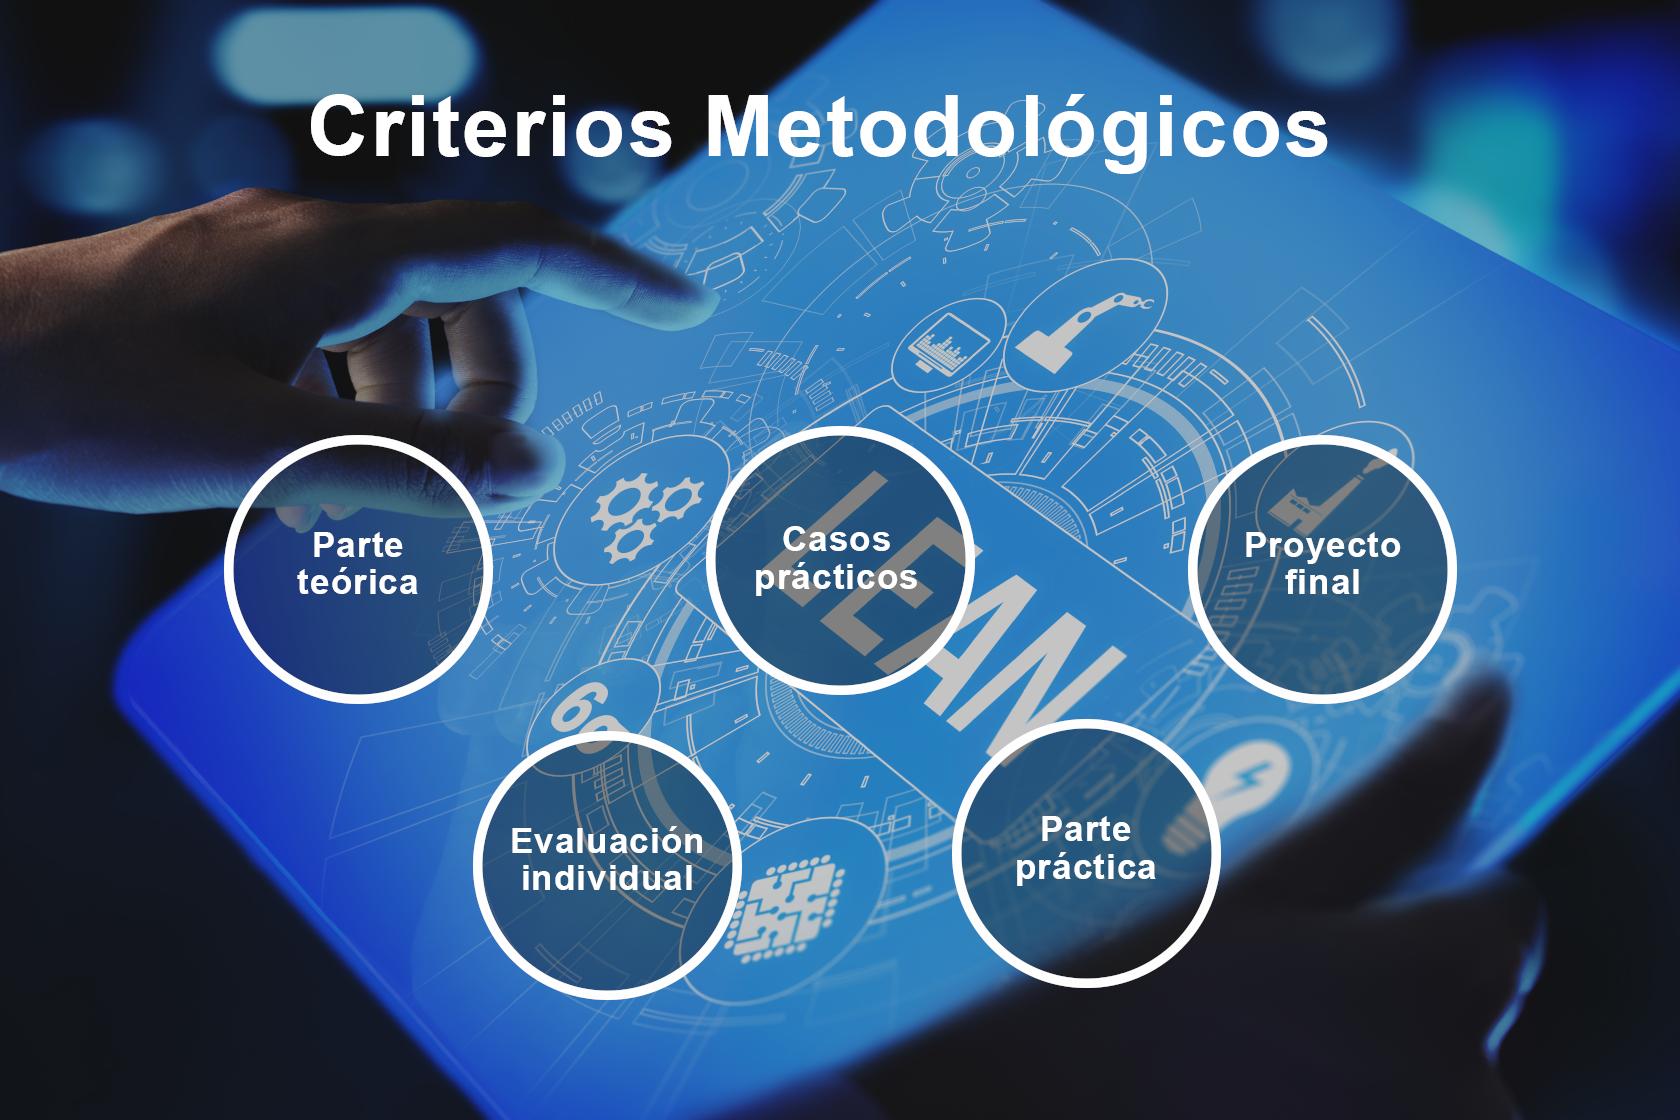 Criterios Metodológicos